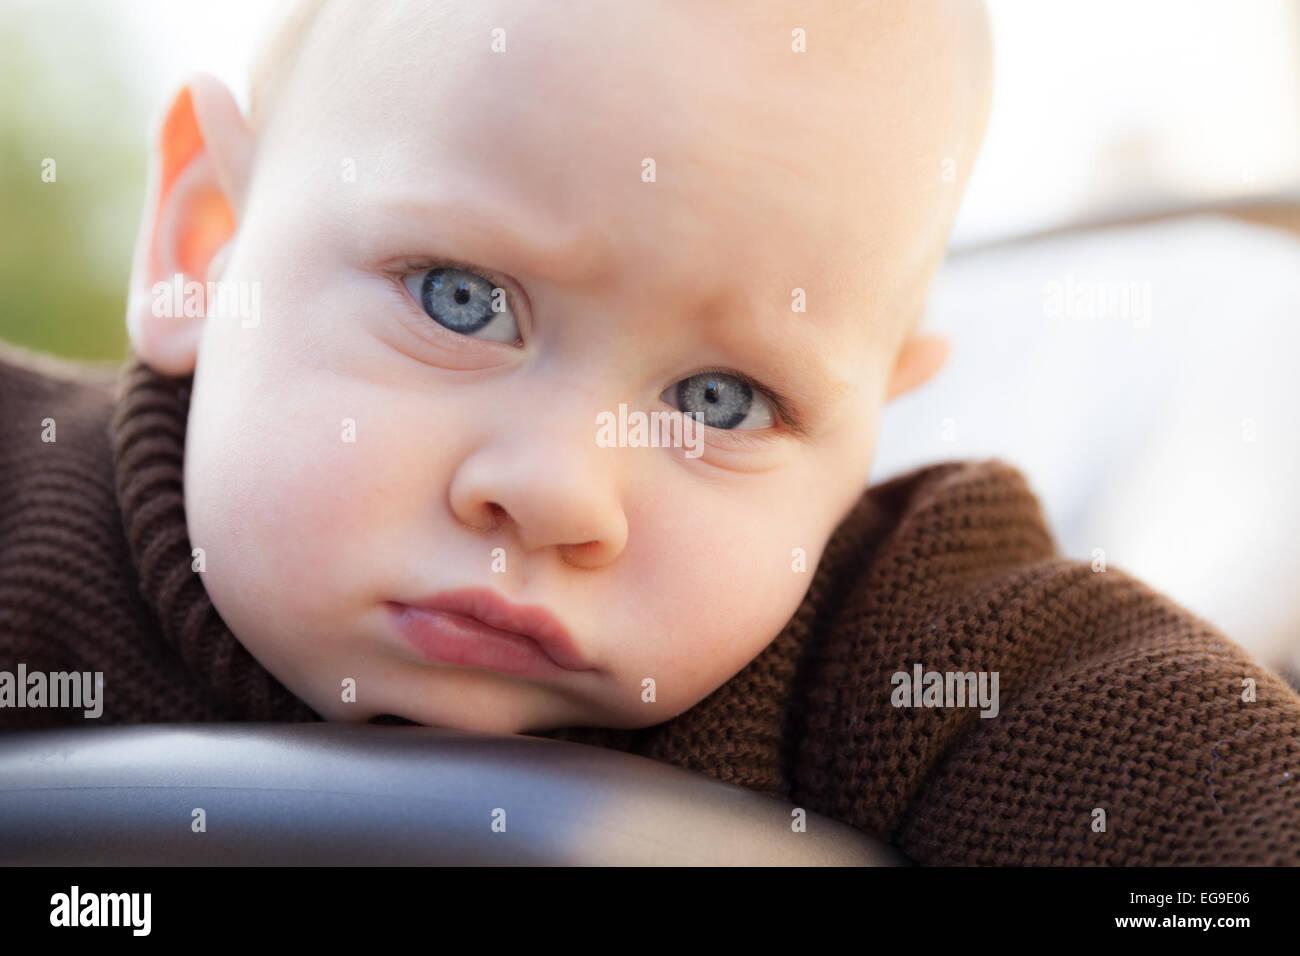 Porträt des jungen mit blauen Augen (12-17 Monate) Stockbild